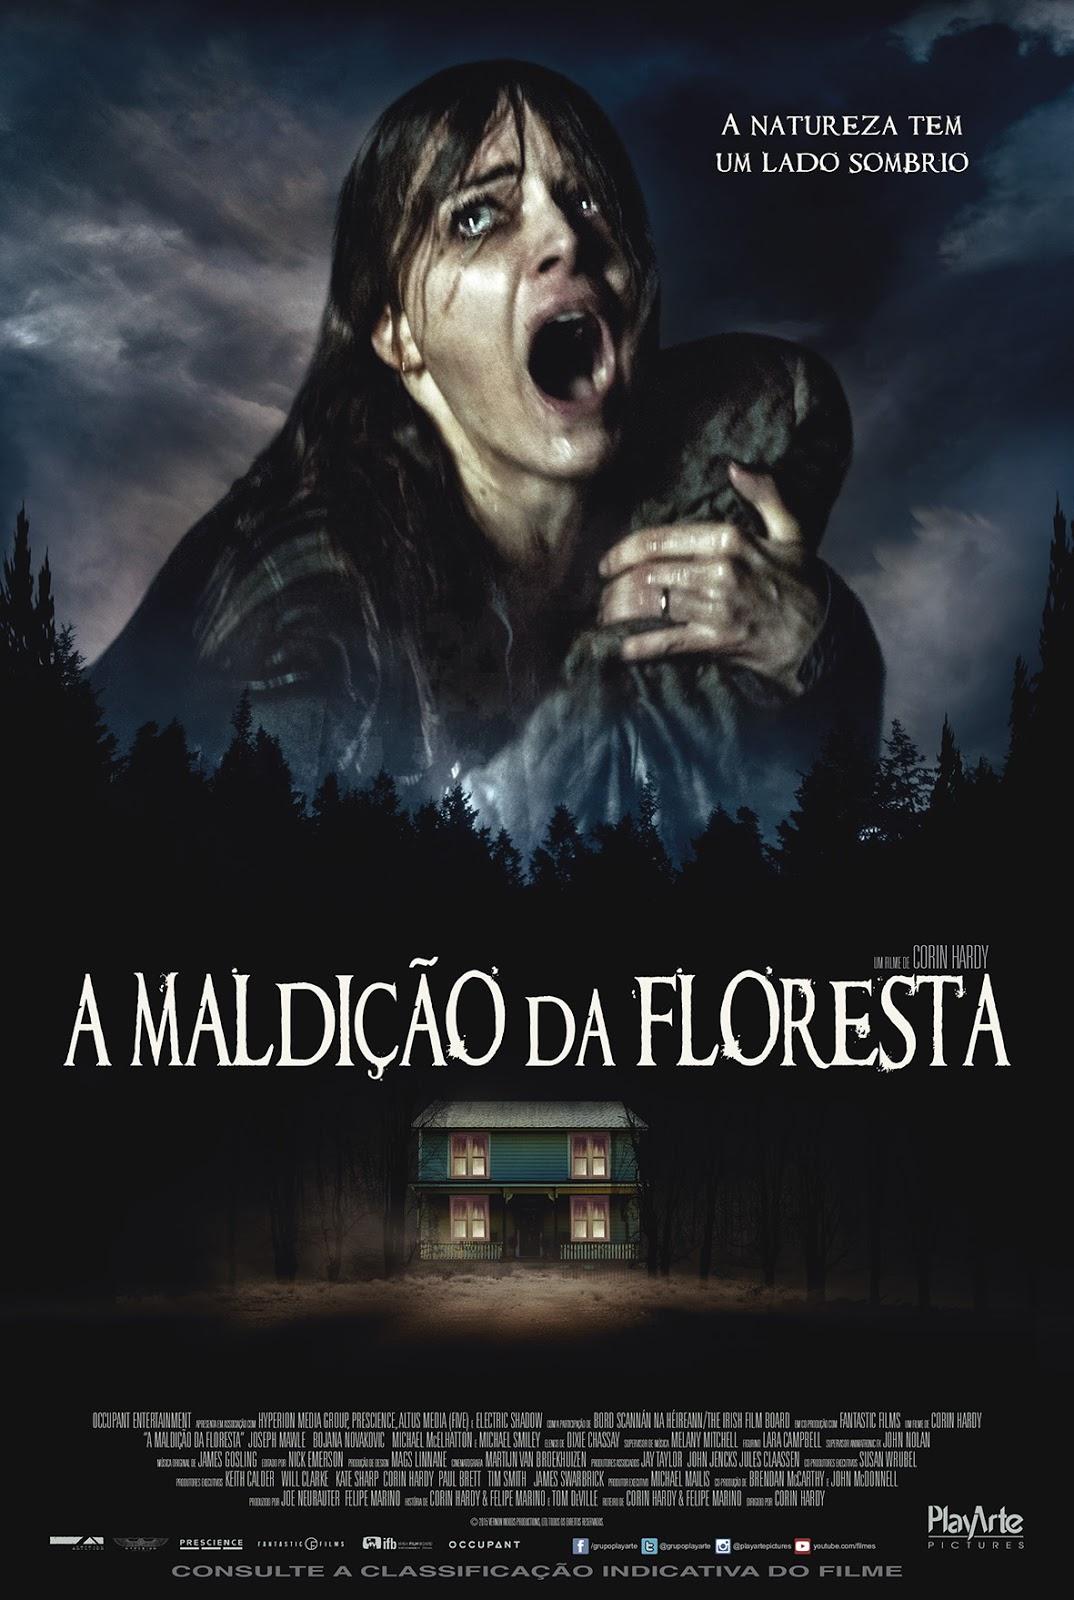 Imagens A Maldição da Floresta Torrent Dublado 1080p 720p BluRay Download